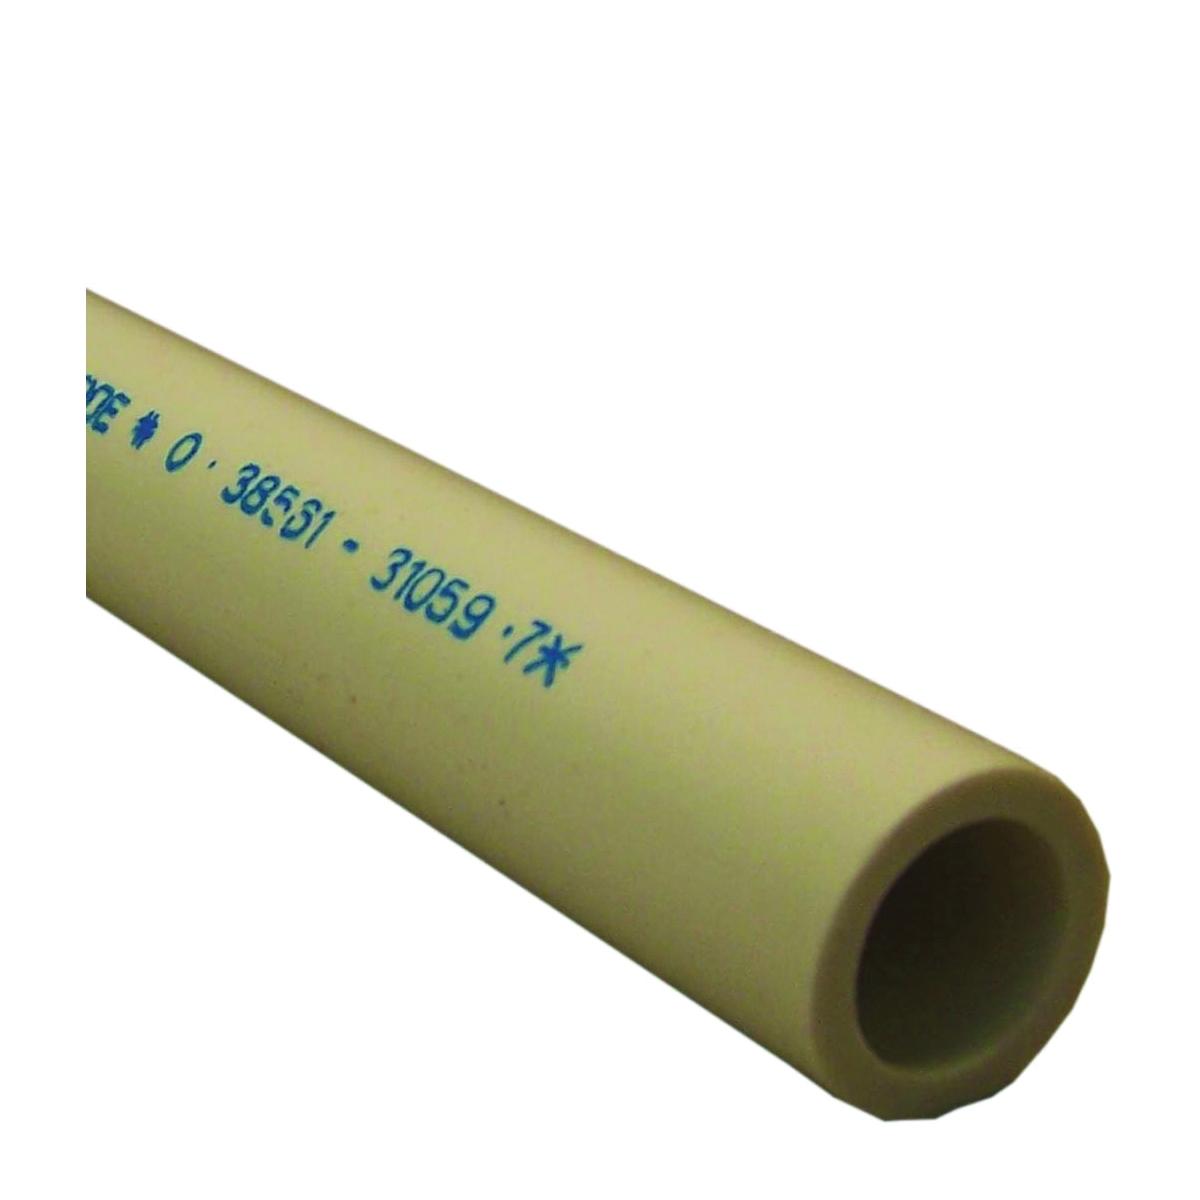 Picture of GENOVA 3100572 Cut Pipe Plain, 2 ft L, Plain, SCH 40 Schedule